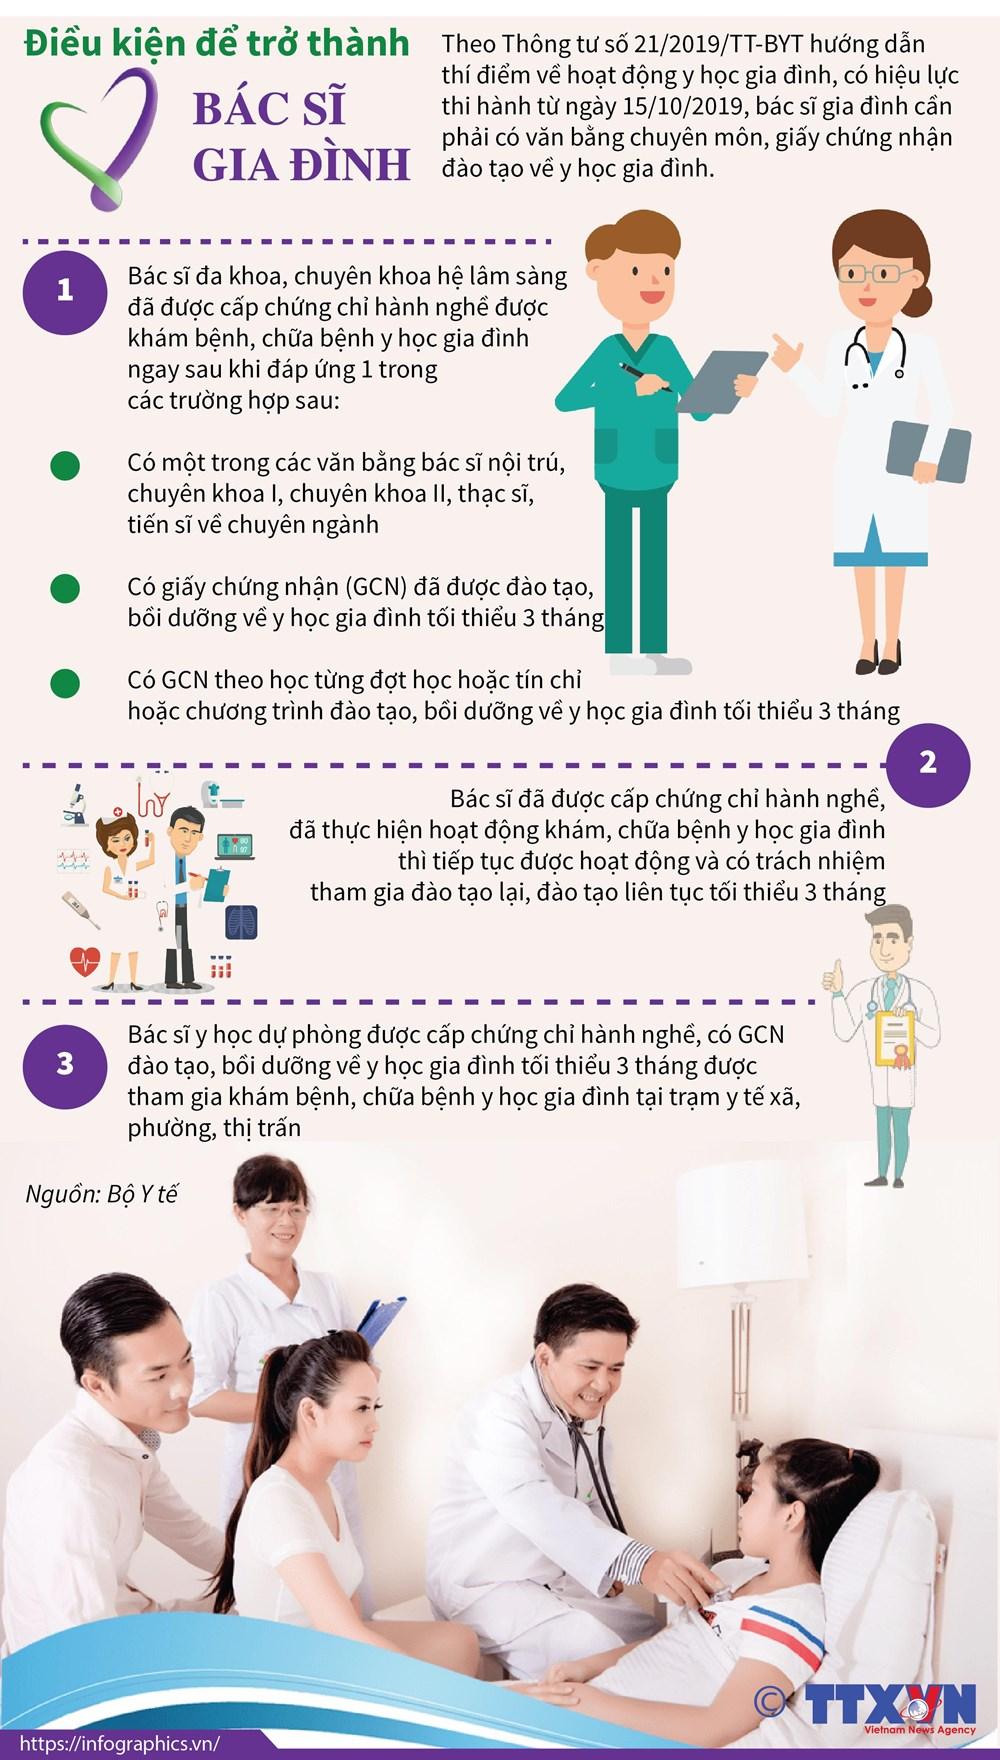 [Infographics] Những điều kiện để trở thành bác sỹ gia đình